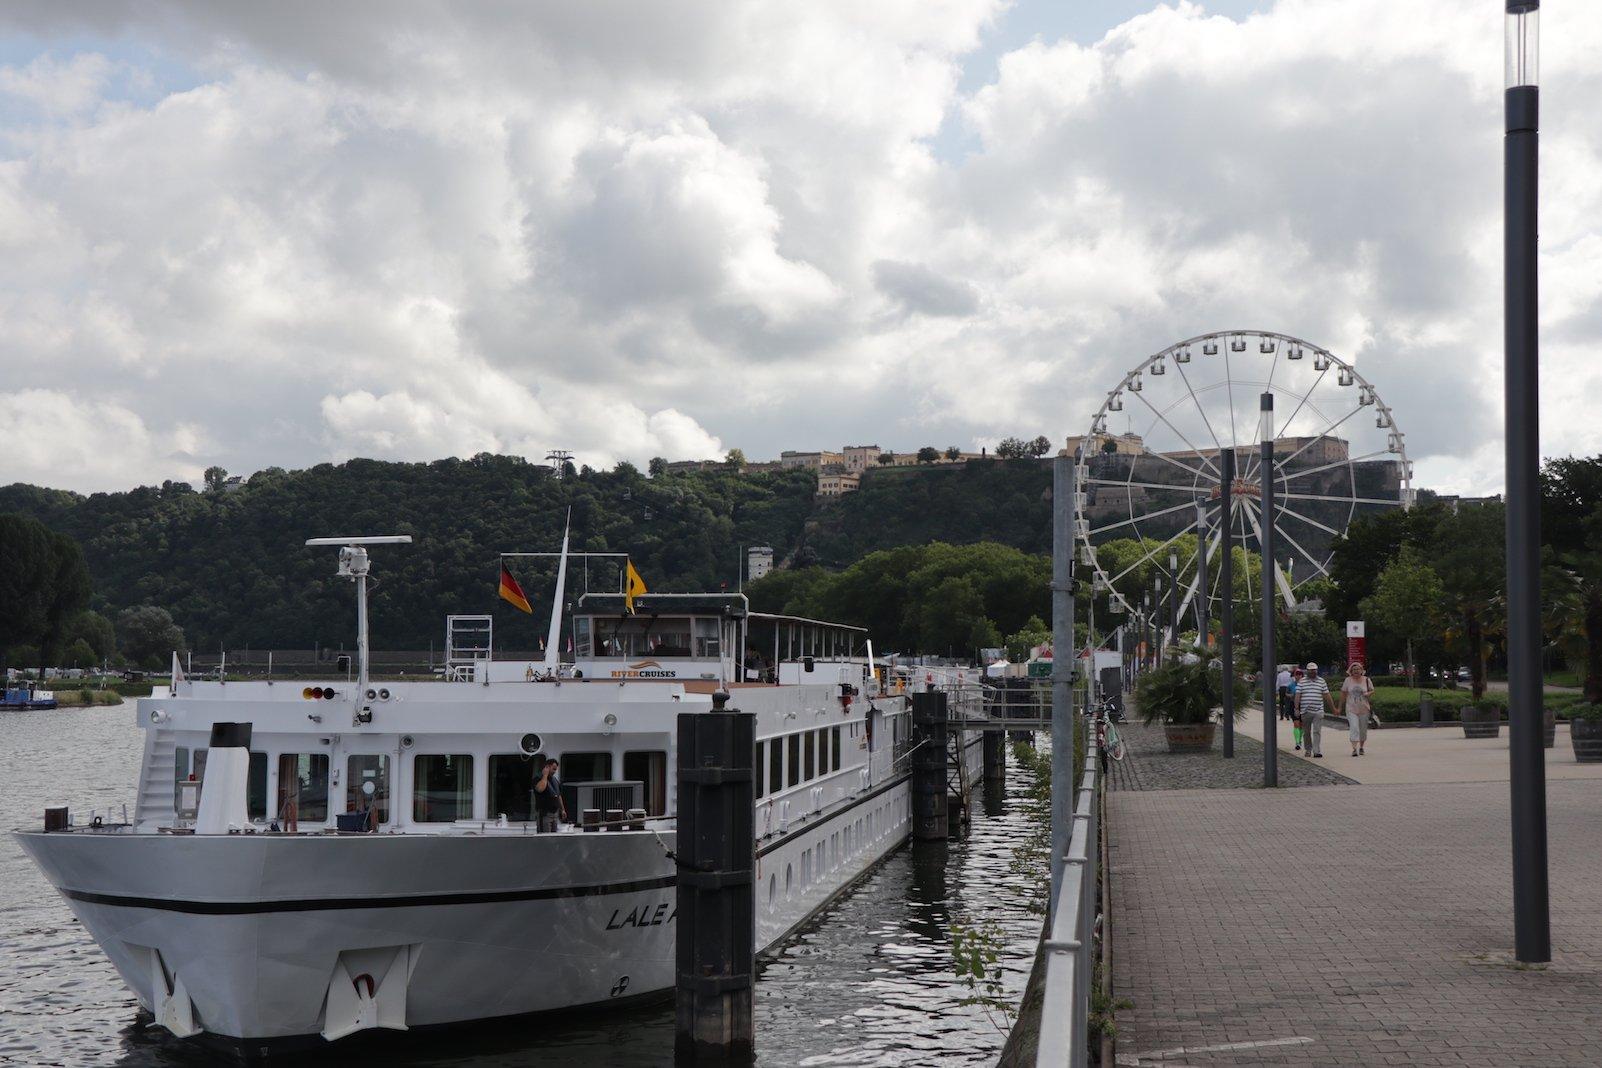 Eines der zahlreichen Kreuzfahrtschiffe, die in Koblenz anlegen